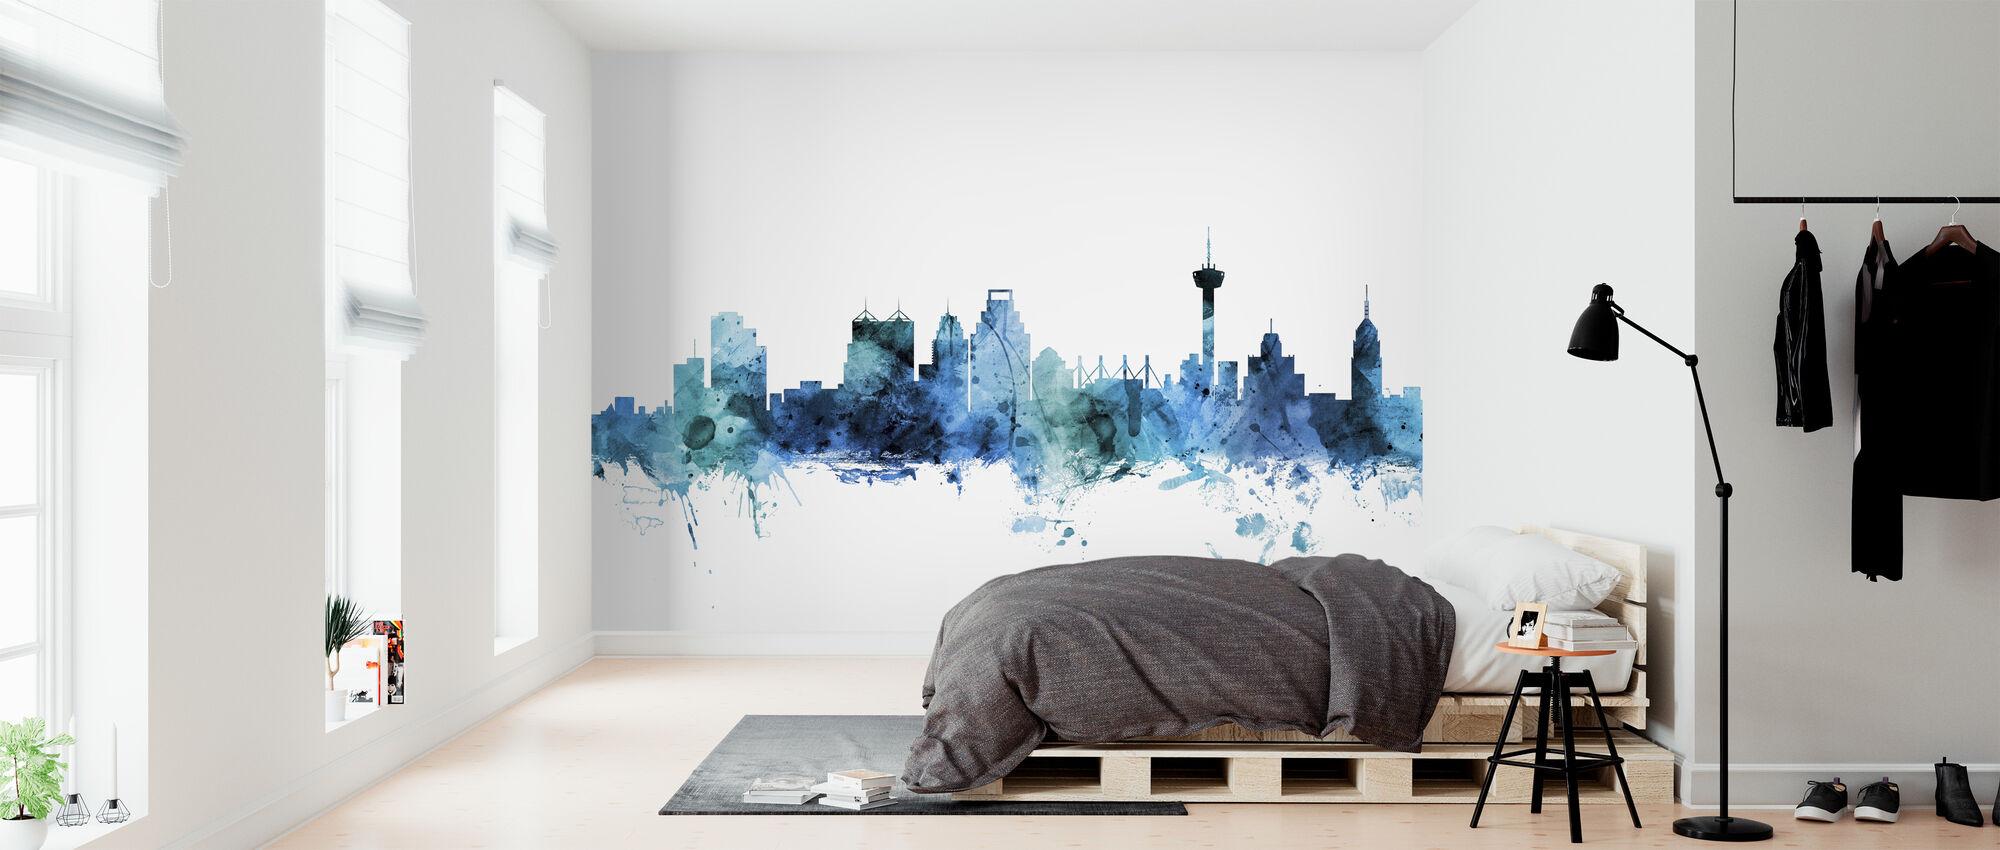 San Antonio Texas Skyline - Wallpaper - Bedroom